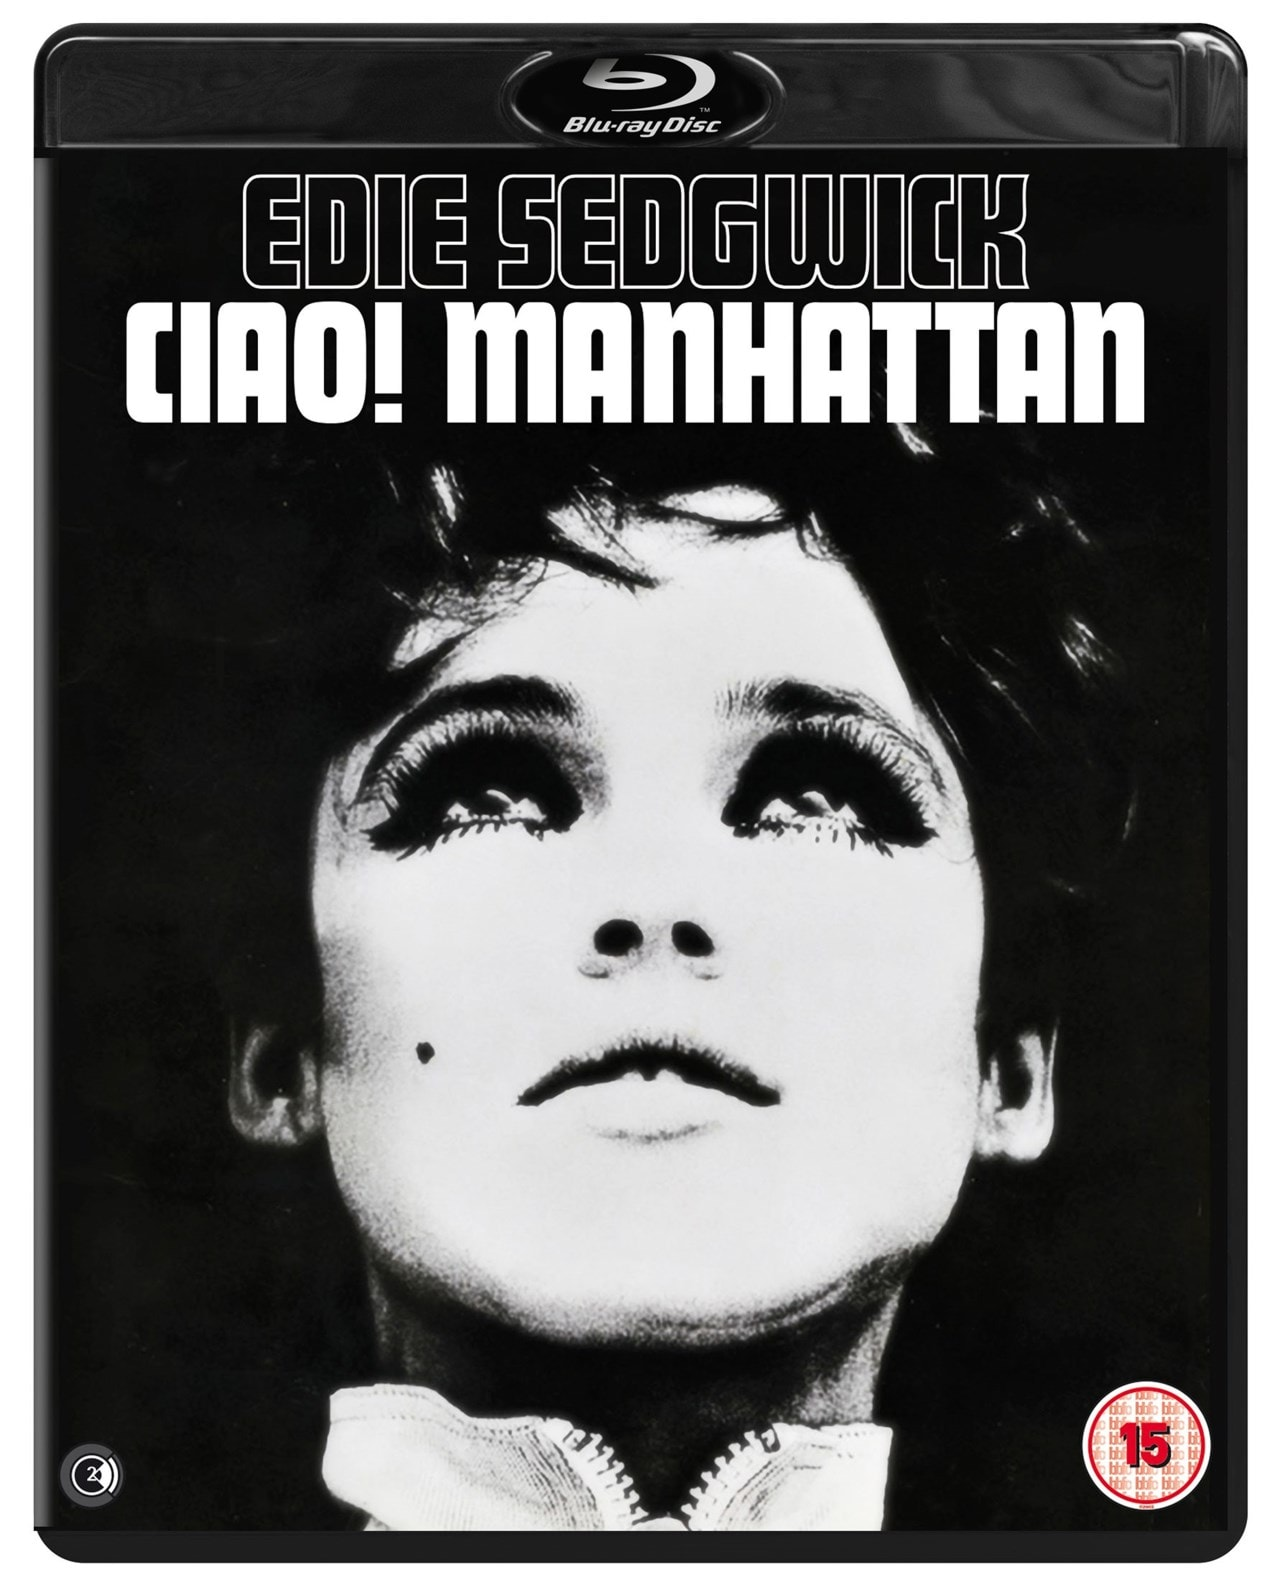 Ciao! Manhattan - 1